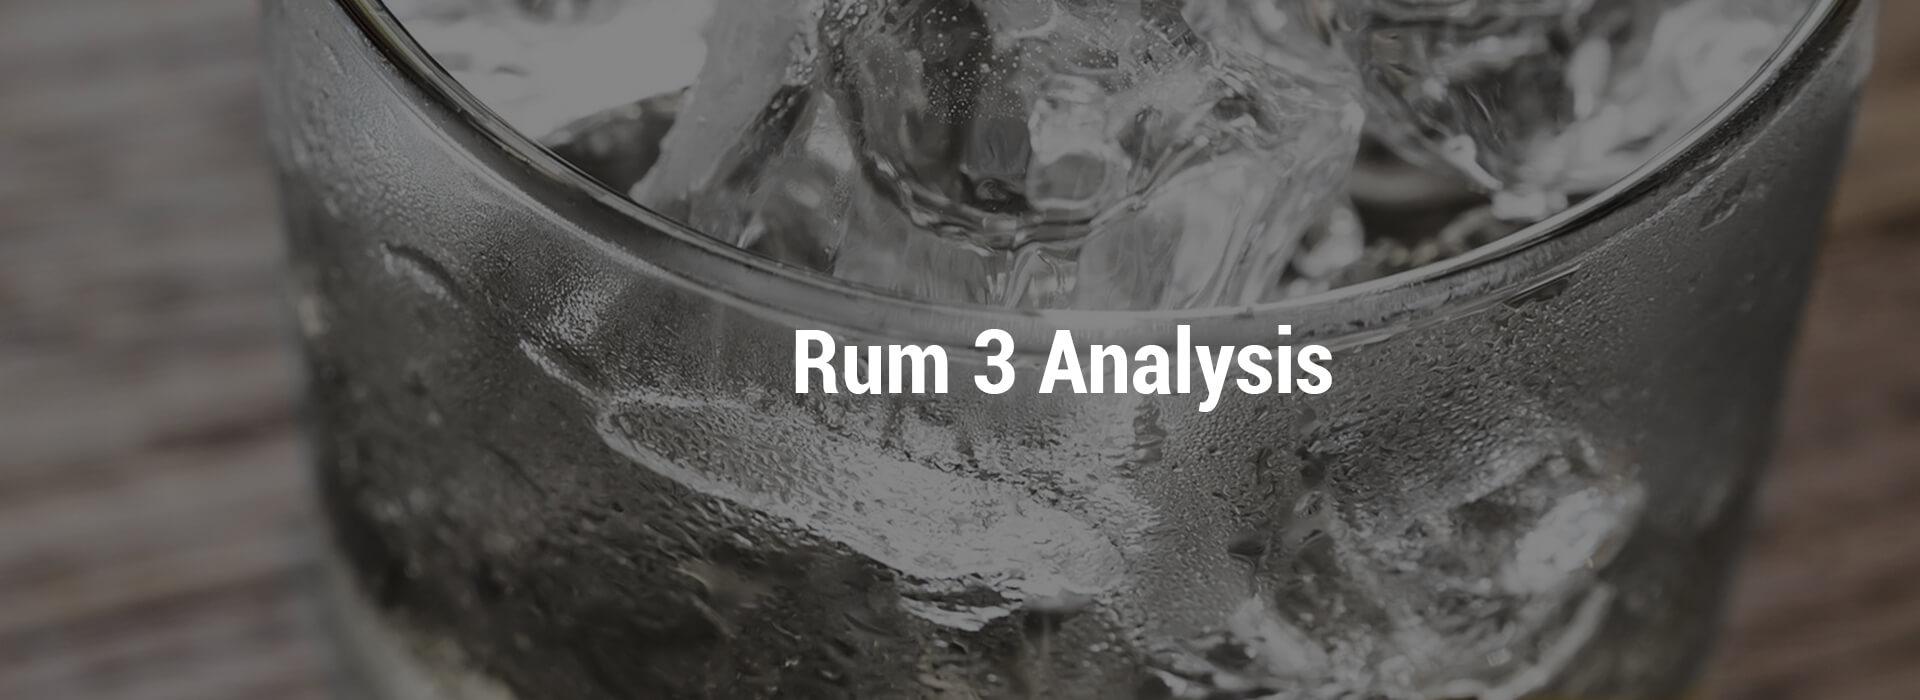 LVHS-Rum-3-header